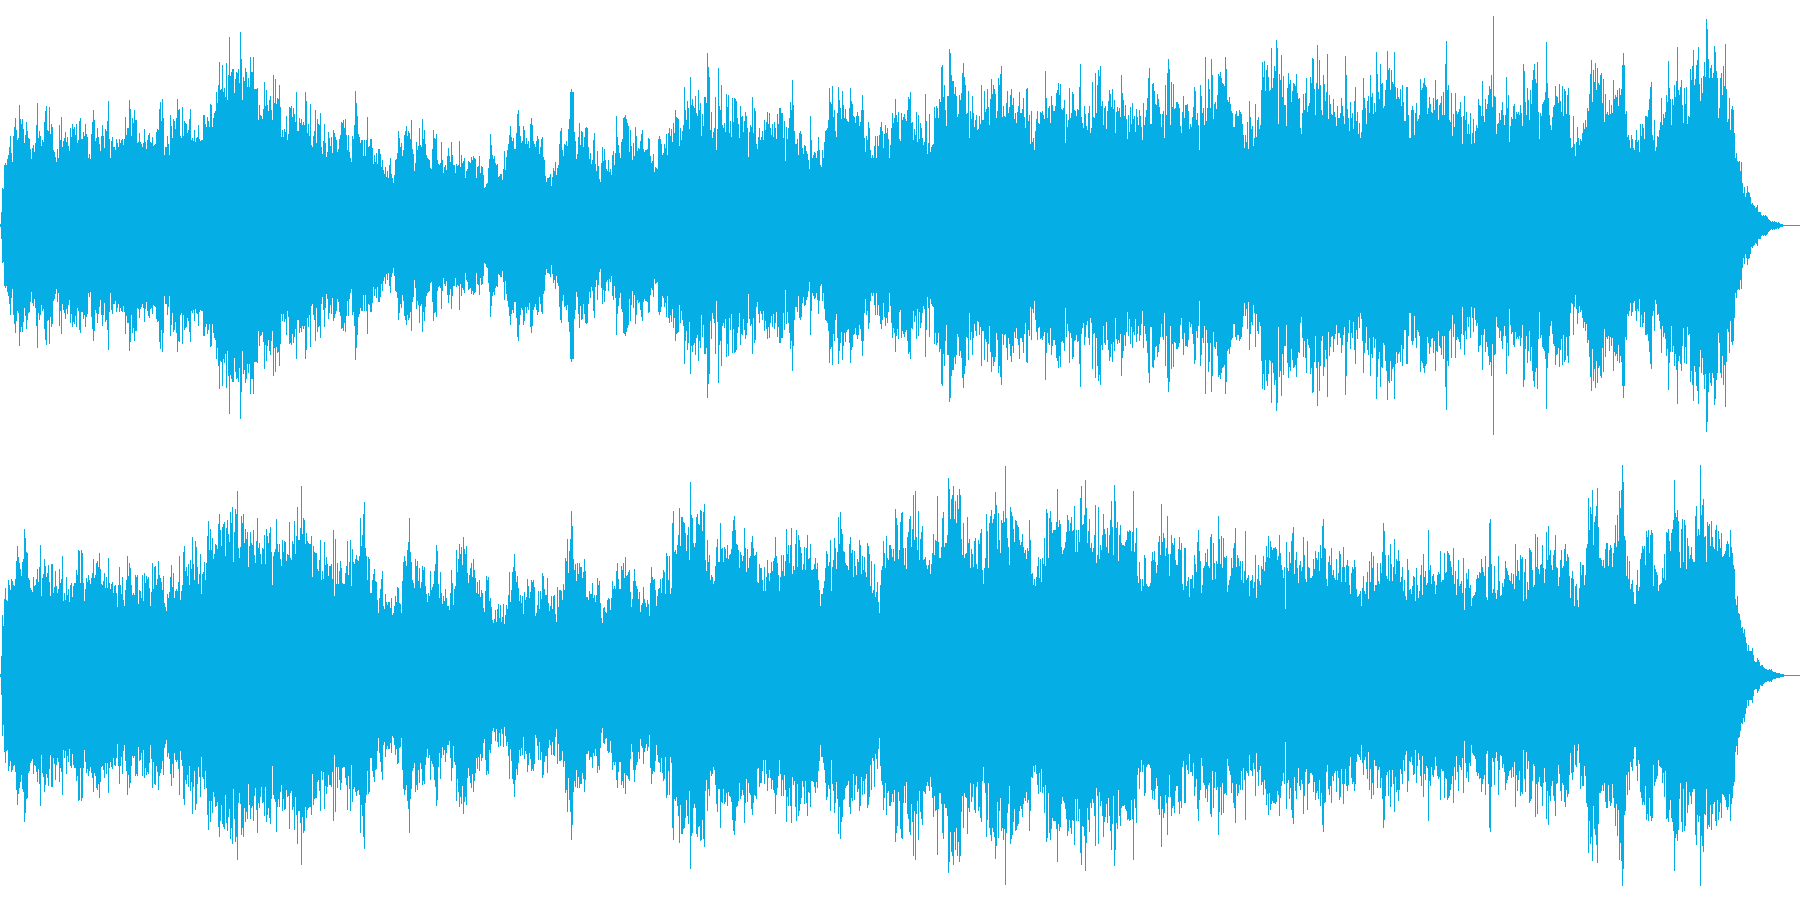 ハロウィンナイト ホラーなオープニングの再生済みの波形